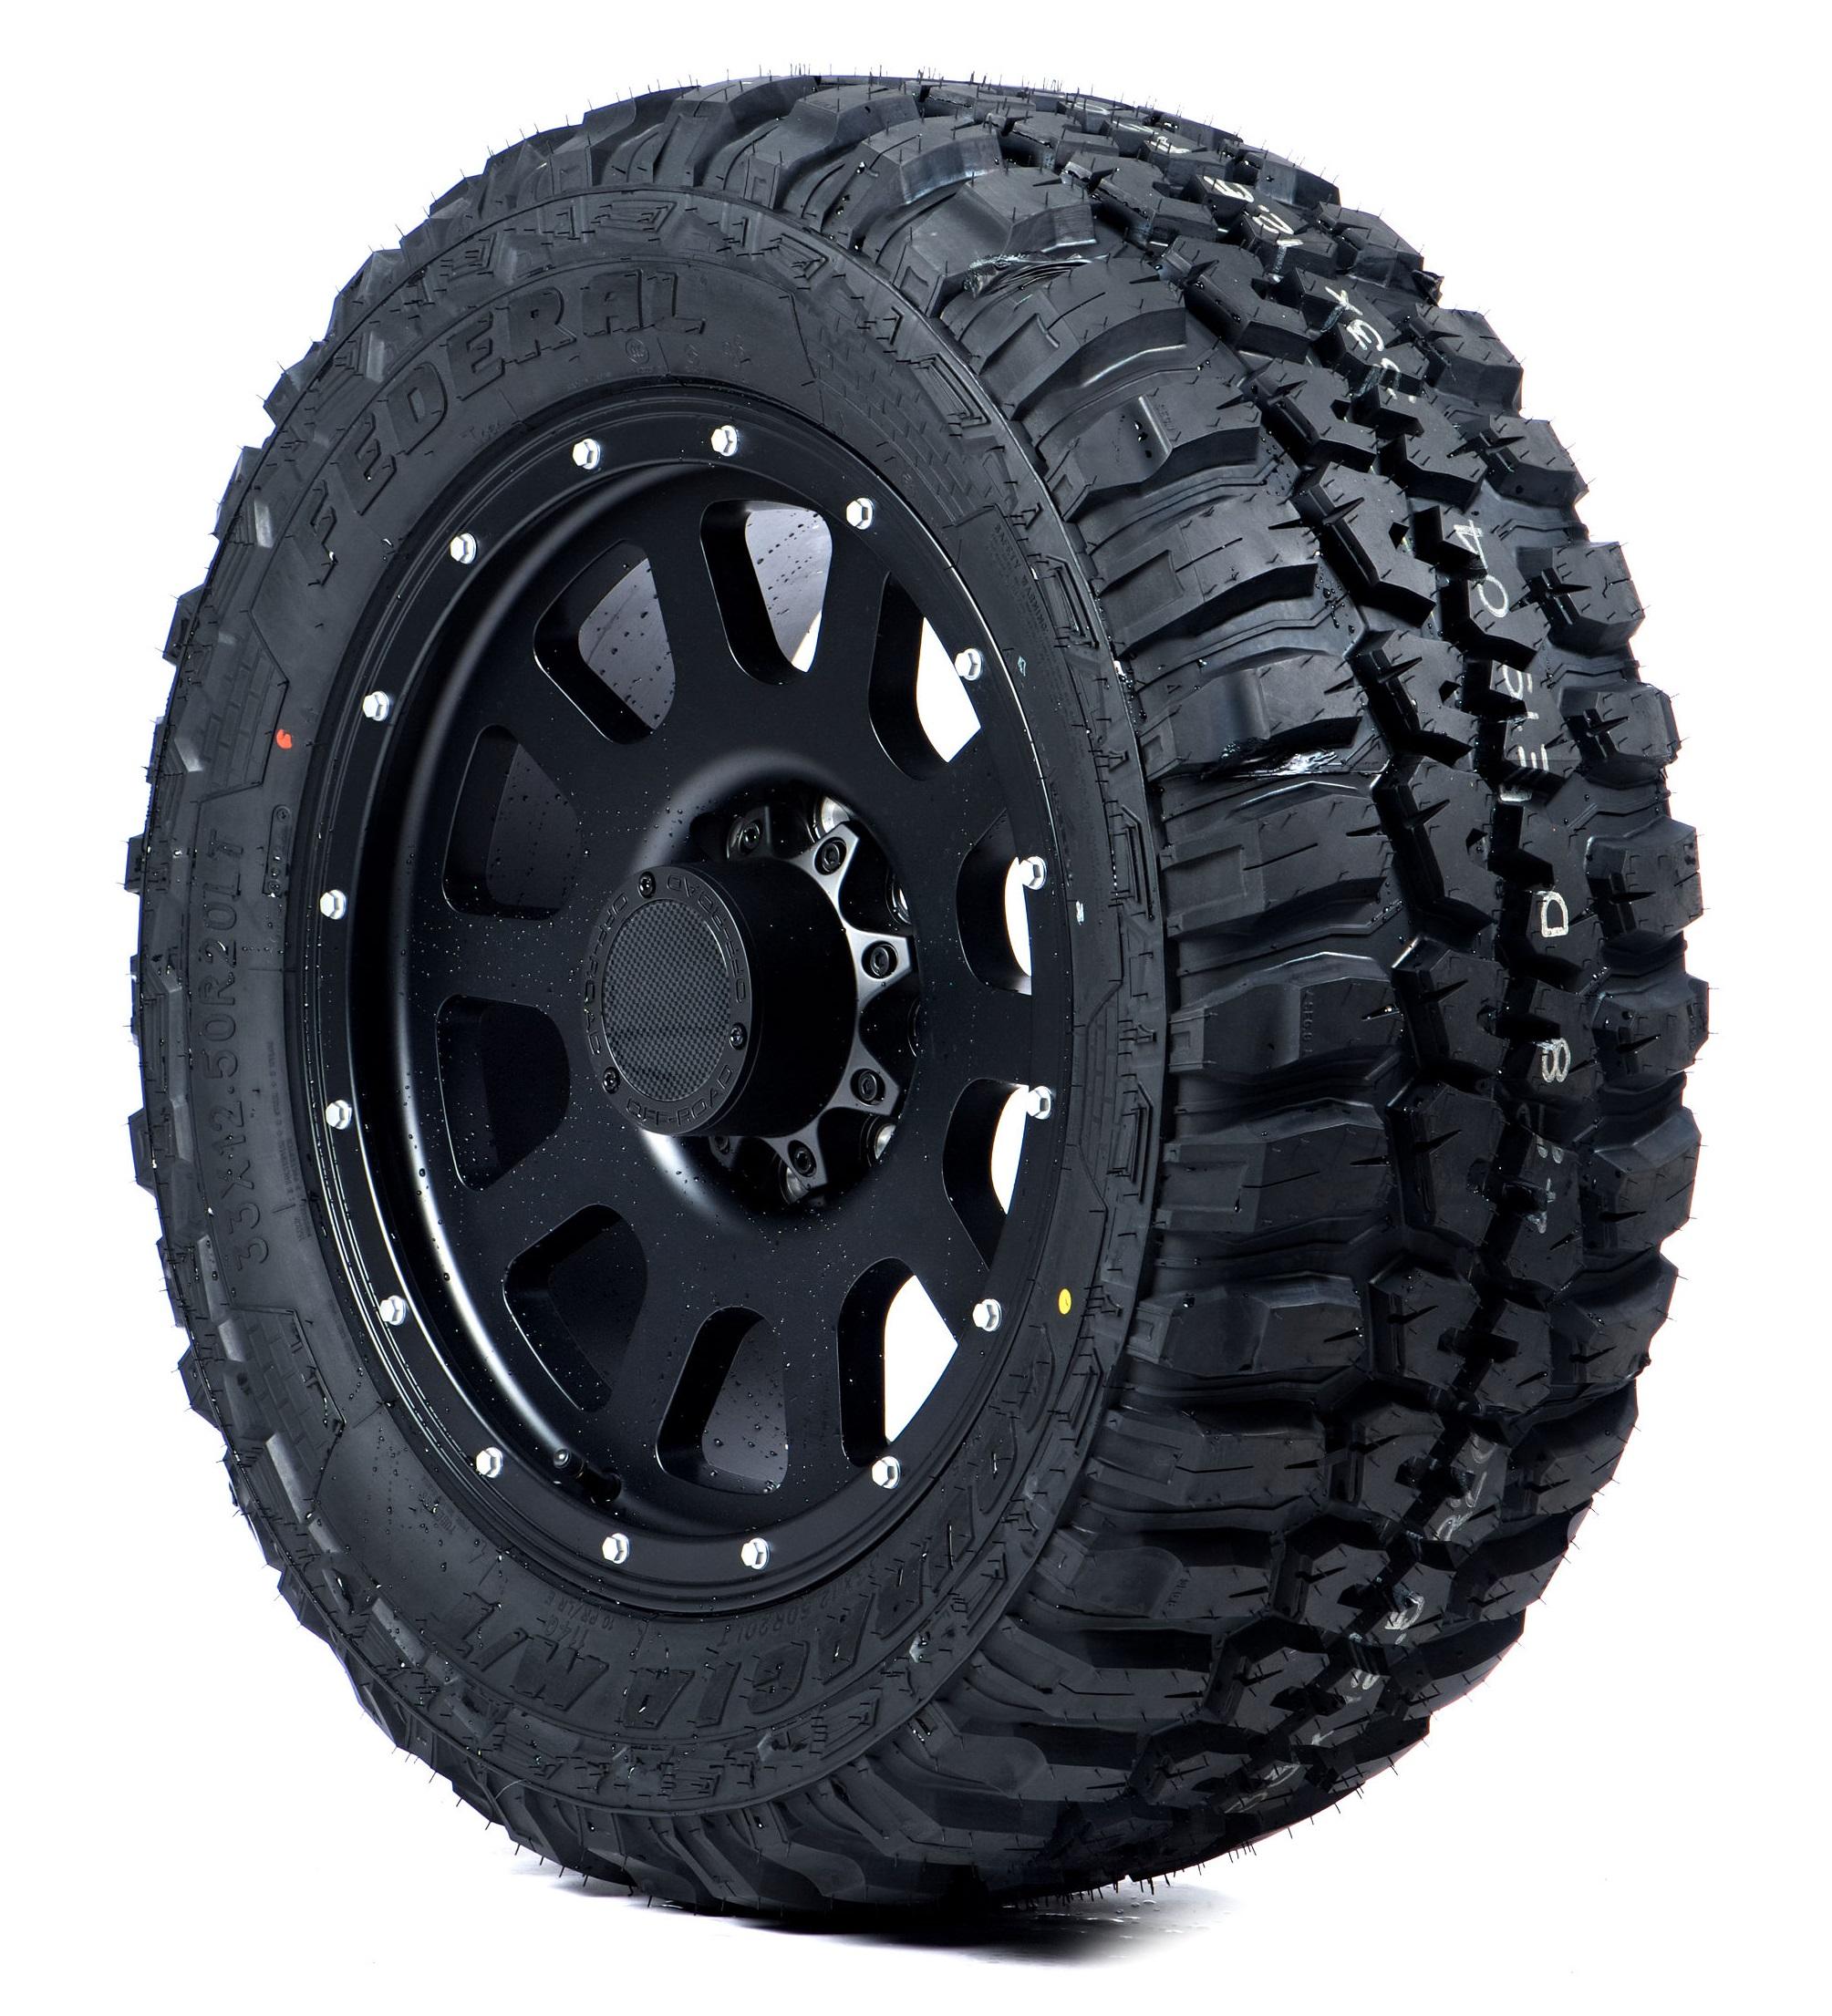 Federal Couragia M/T Mud Terrain Tire - 37X12.50R20 126Q (10 ply)